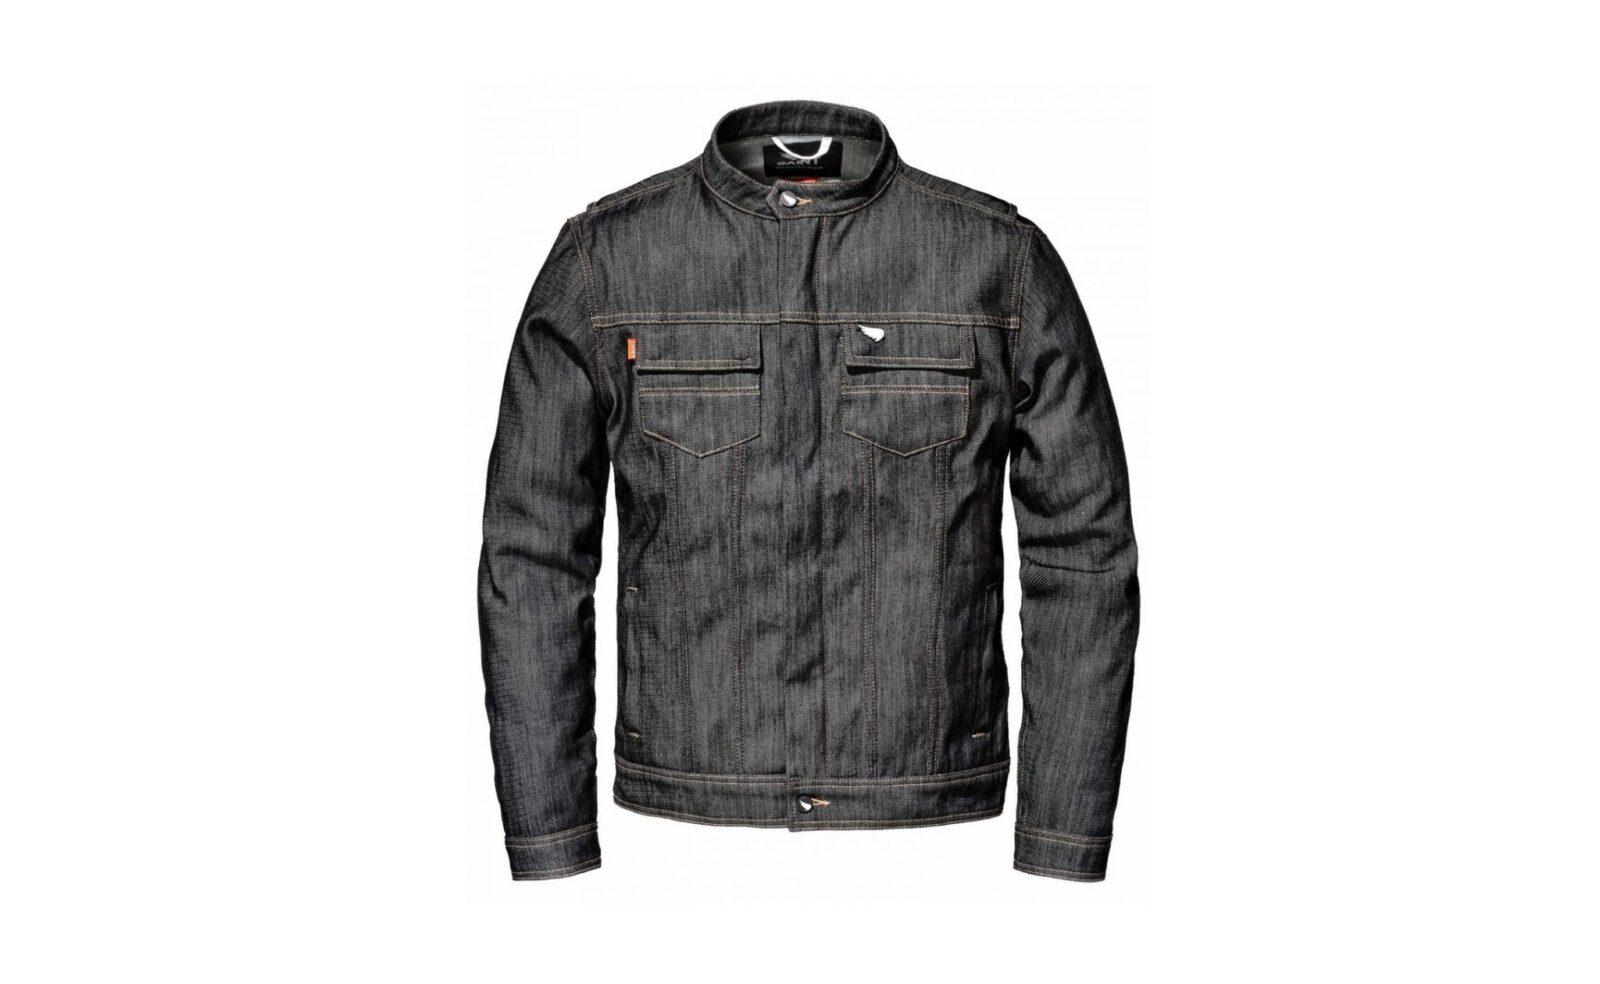 Saint Model 3014 Technical Denim Jacket 1600x984 - Saint Model 3014 Motorcycle Denim Jacket